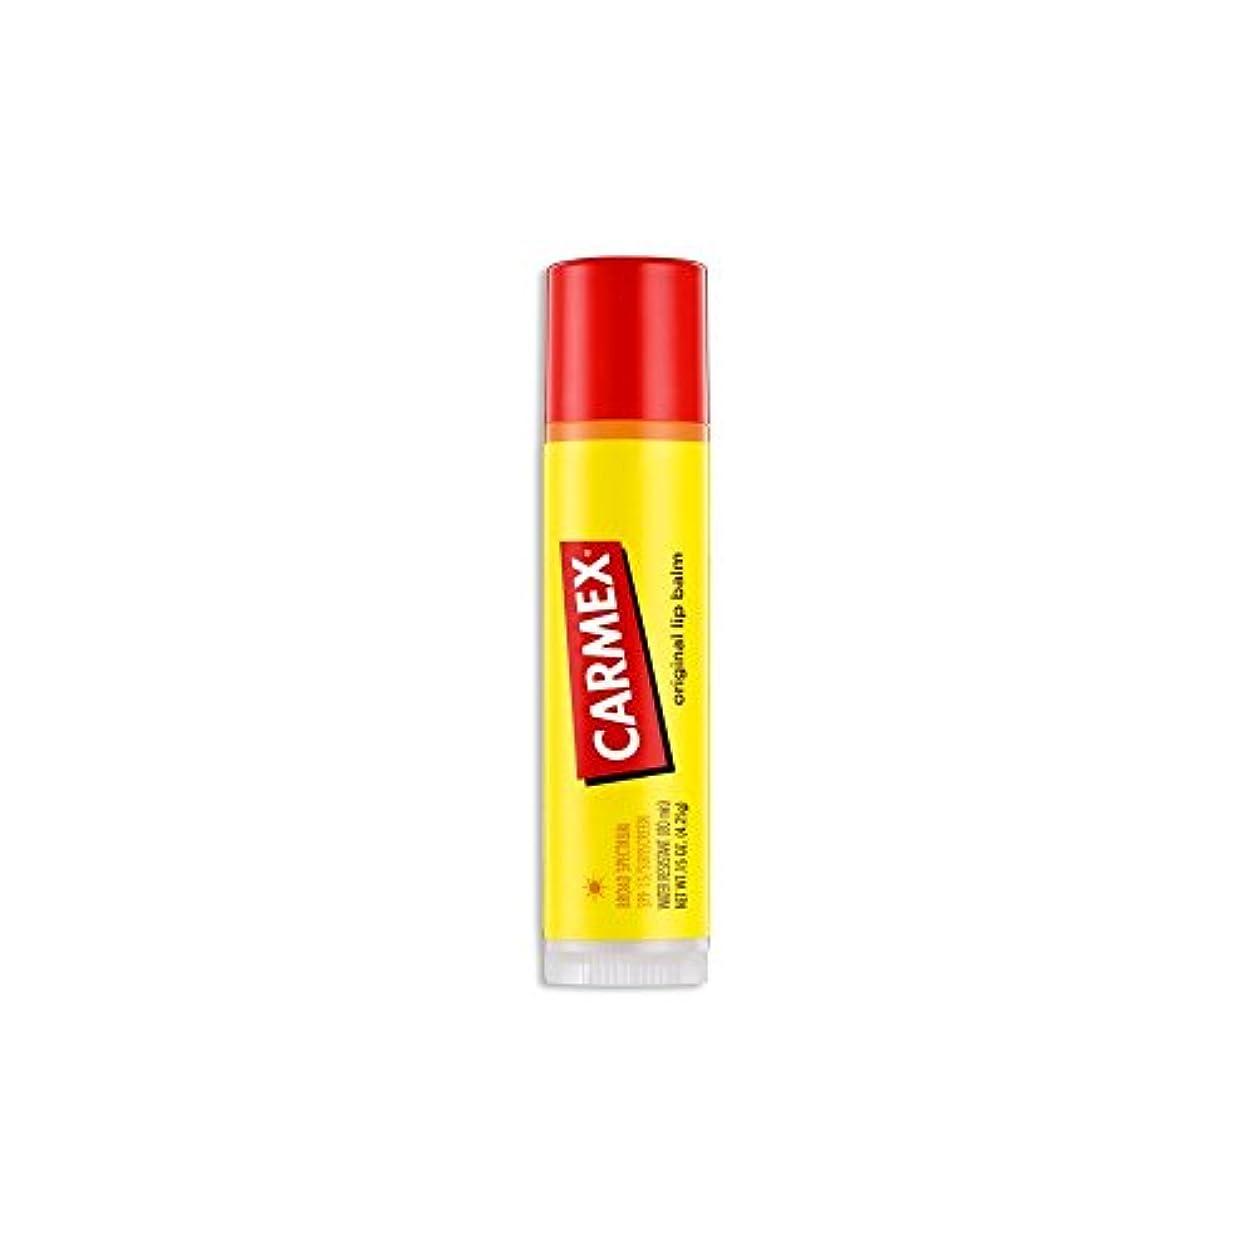 火山学団結する保険をかける(3 Pack) CARMEX Original Flavor Sticks Original (並行輸入品)